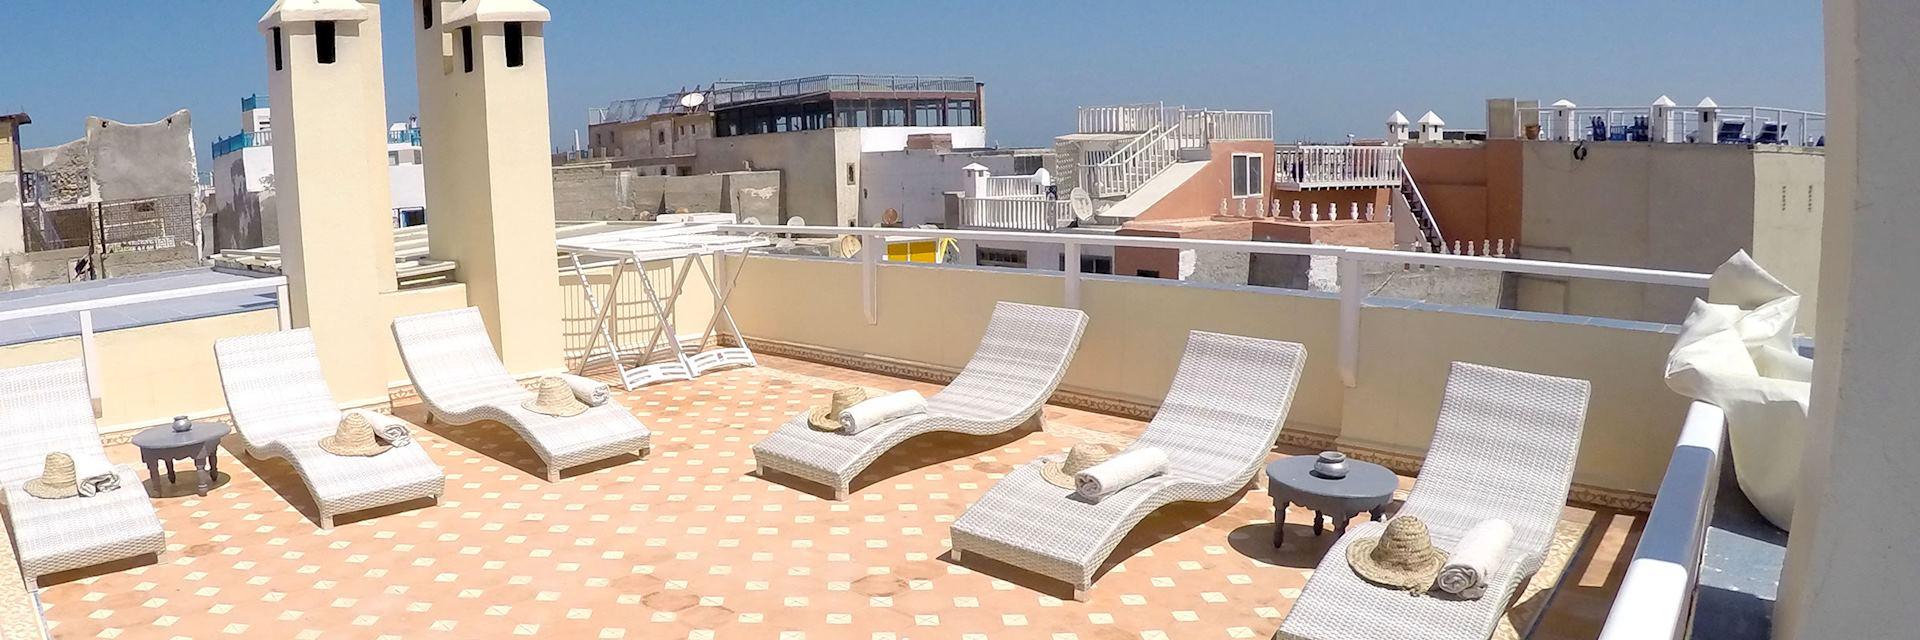 Riad Watier, Essaouira